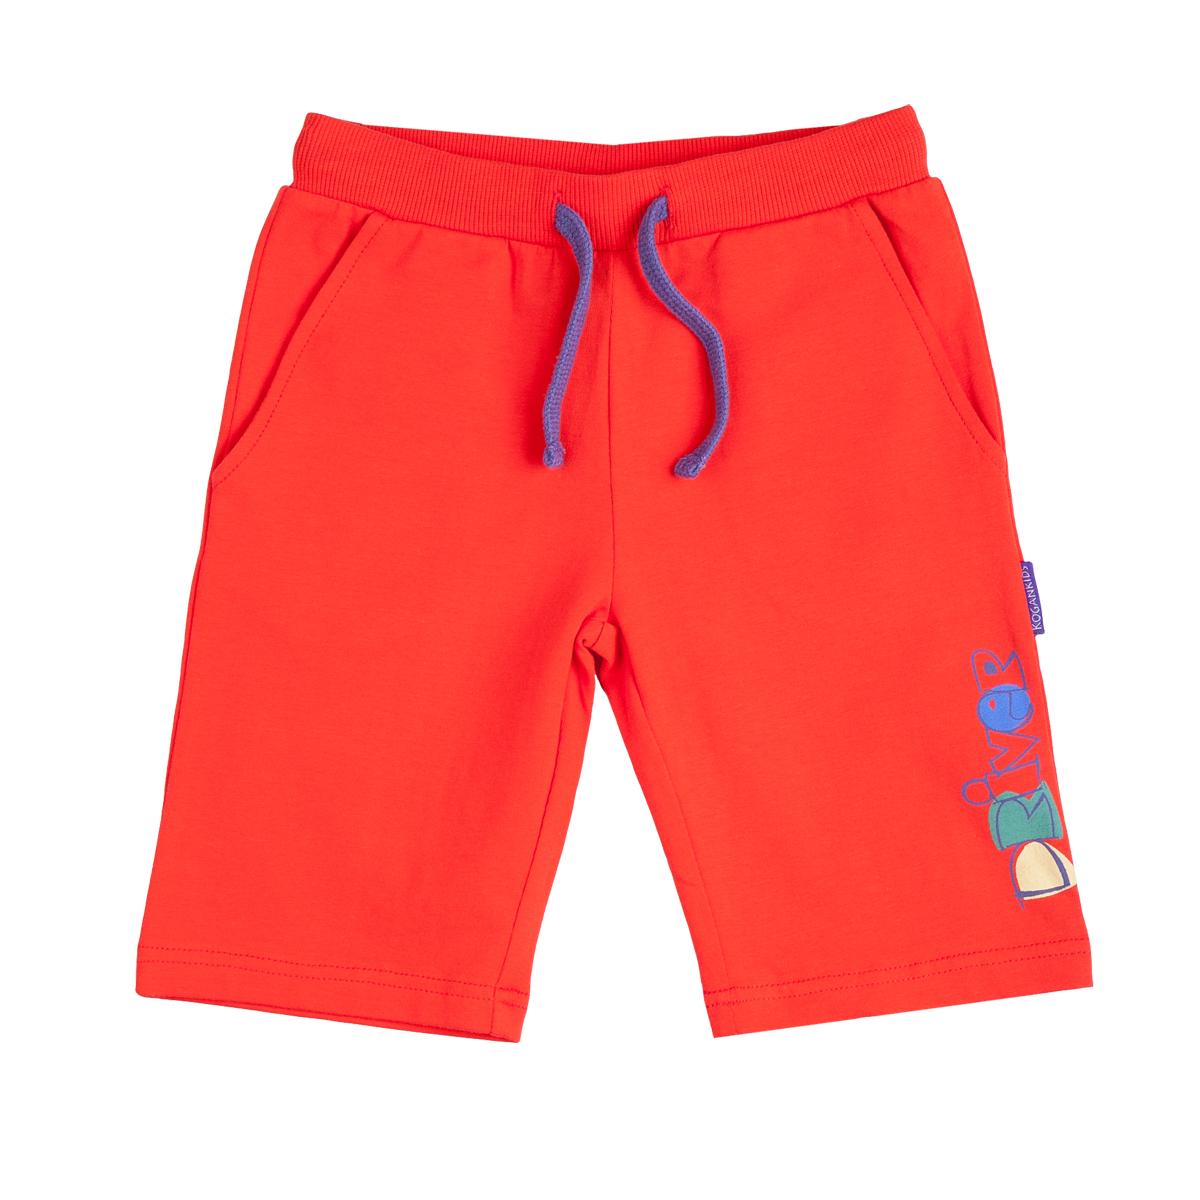 Шорты KogankidsШорты на резинке с поясом-шнурком выполнены из натурального хлопка, гарантируют ежедневный комфорт. Идеальная модель для занятий спортом и летних прогулок.<br>Размер: 80, 86; Цвет: Красный;